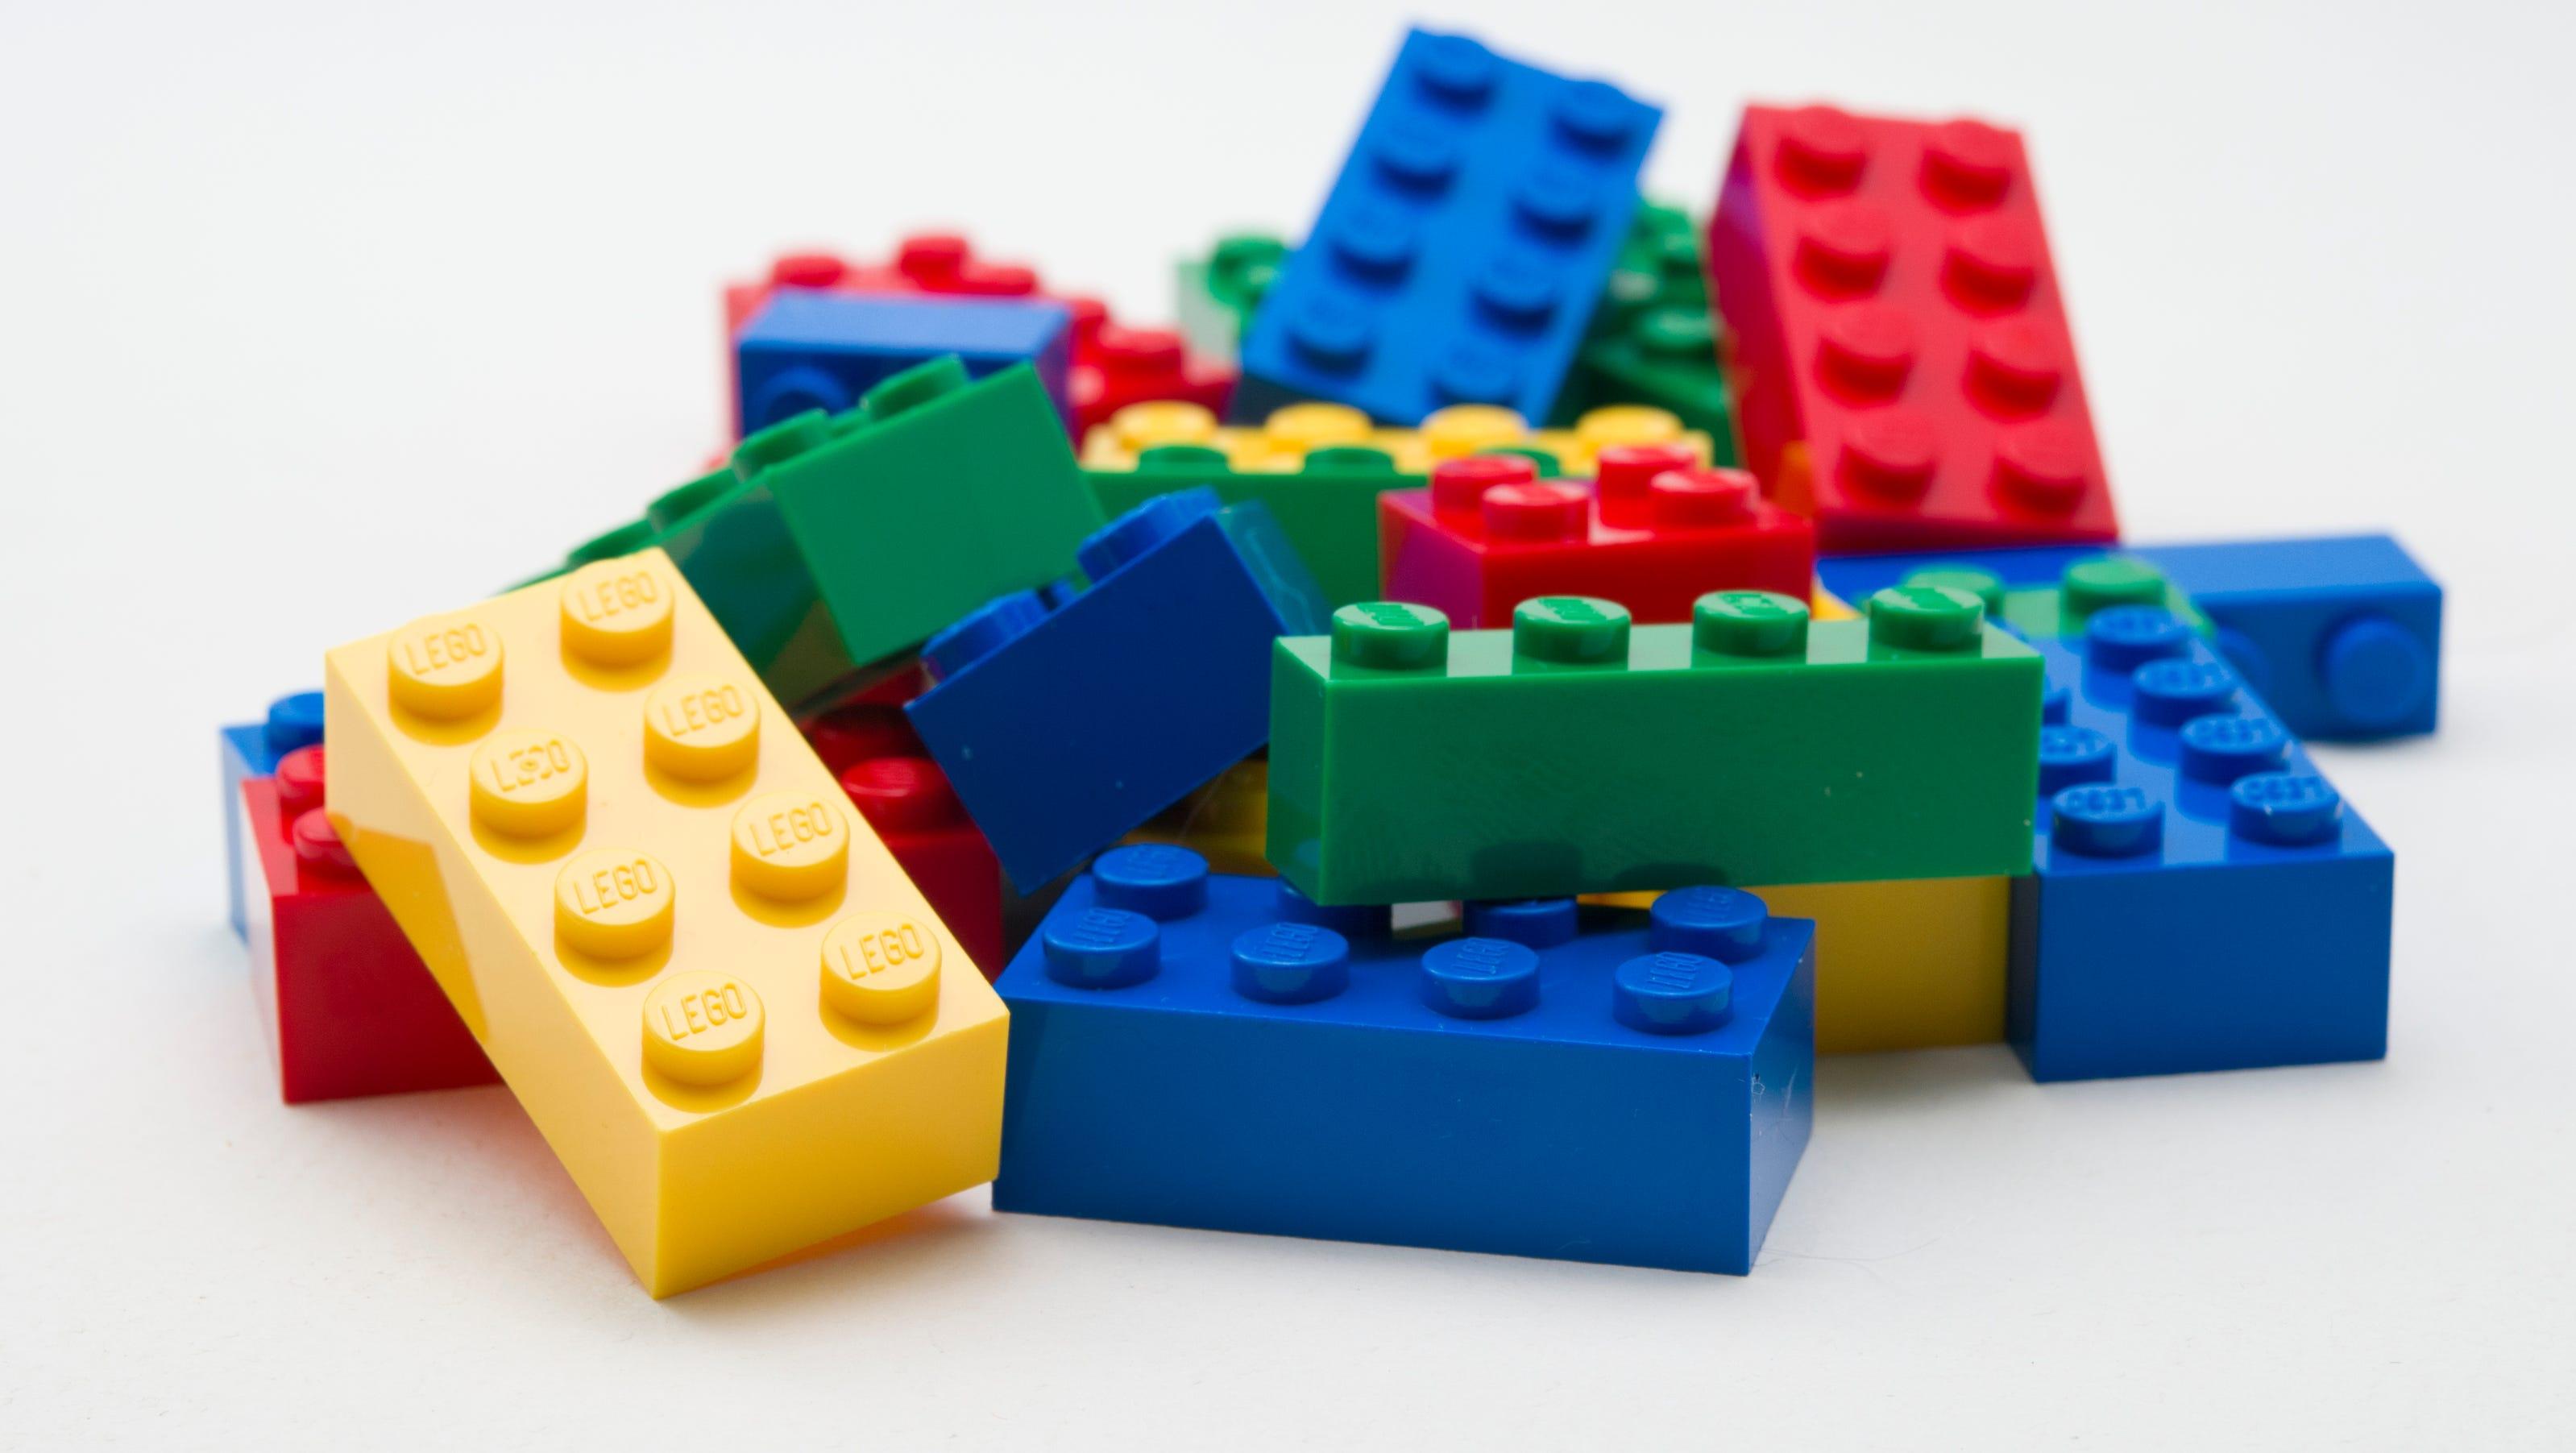 http://marketing.net.jumia.com.ng/ts/i3556158/tsc?amc=aff.jumia.21909.25626.8394.tm&rmd=3&trg=http%3A//www.jumia.com.ng/lego_shop/%3Futm_source%3D21909%26utm_medium%3Daff%26utm_campaign%3D8394